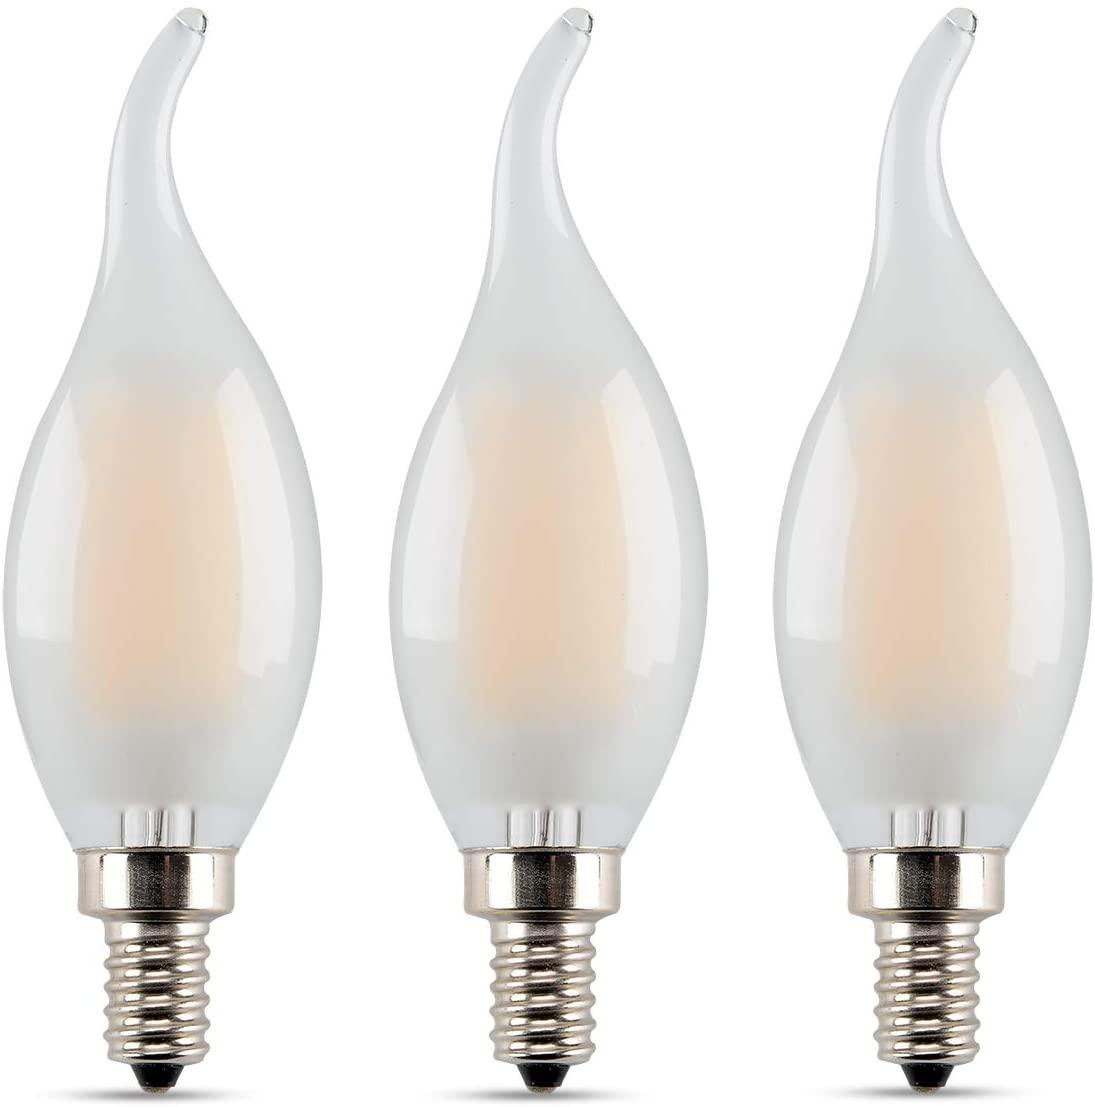 Candelabra LED Filament Frosted LED Bulbs, Panledo 6 Watt Vintage Edison Style Light Bulbs, 60 Watt Equivalent, Classic C35/CA10 Flame Tip, E12 Base, Soft White 2700K, Pack of 3